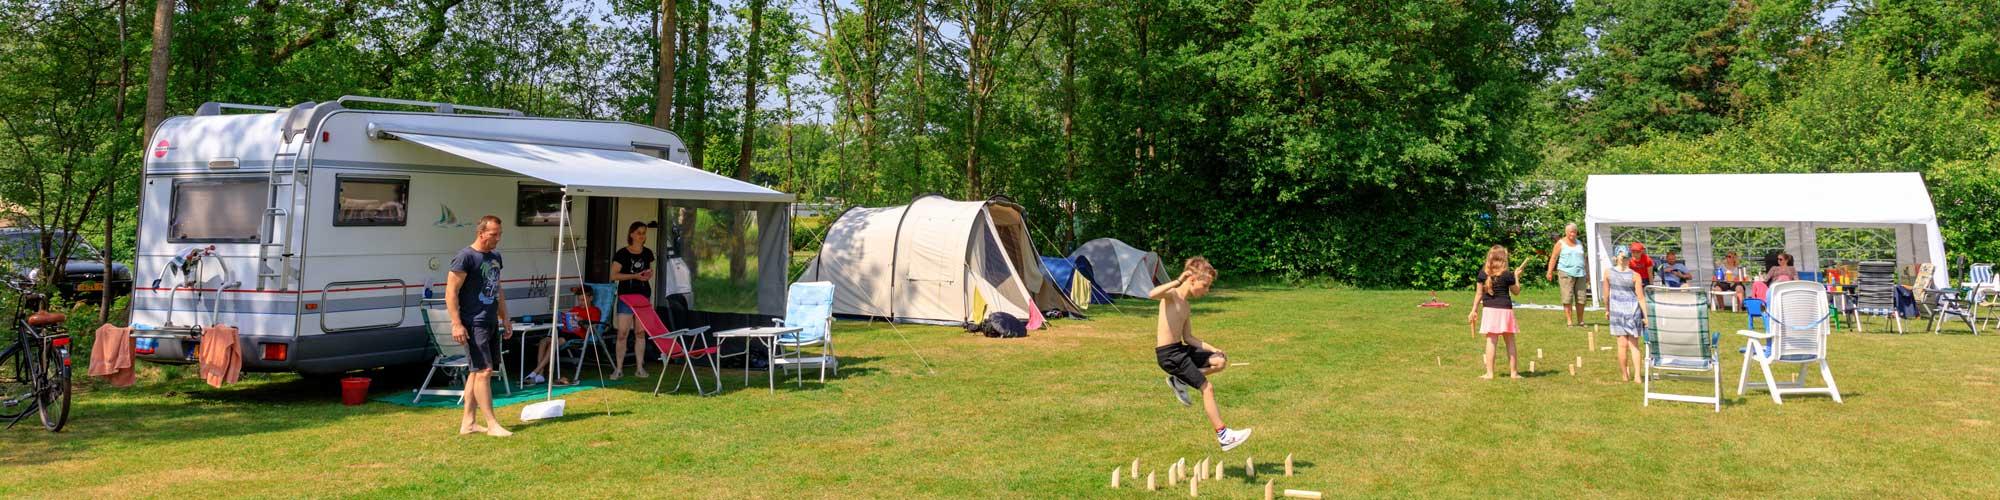 camper-slide